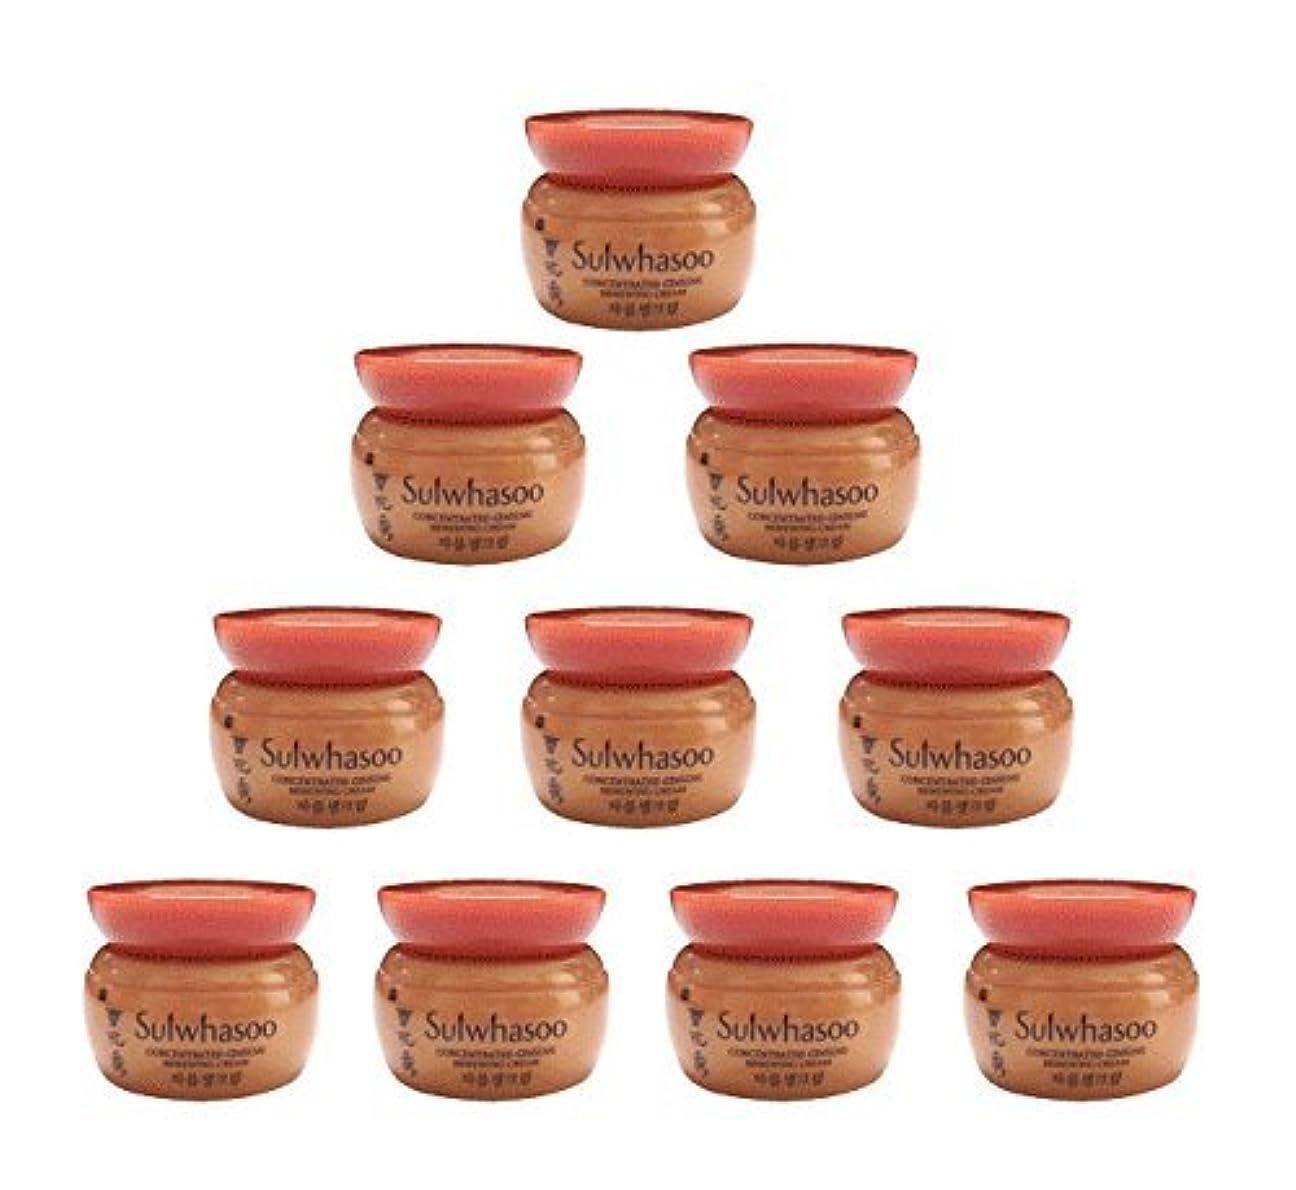 偽夢ファックス【ソルファス 雪花秀 Sulwhasoo】 Concentrated Ginseng Renewing Cream(50ml) 5ml x 10個 韓国化粧品 ブランドのサンプル [並行輸入品]